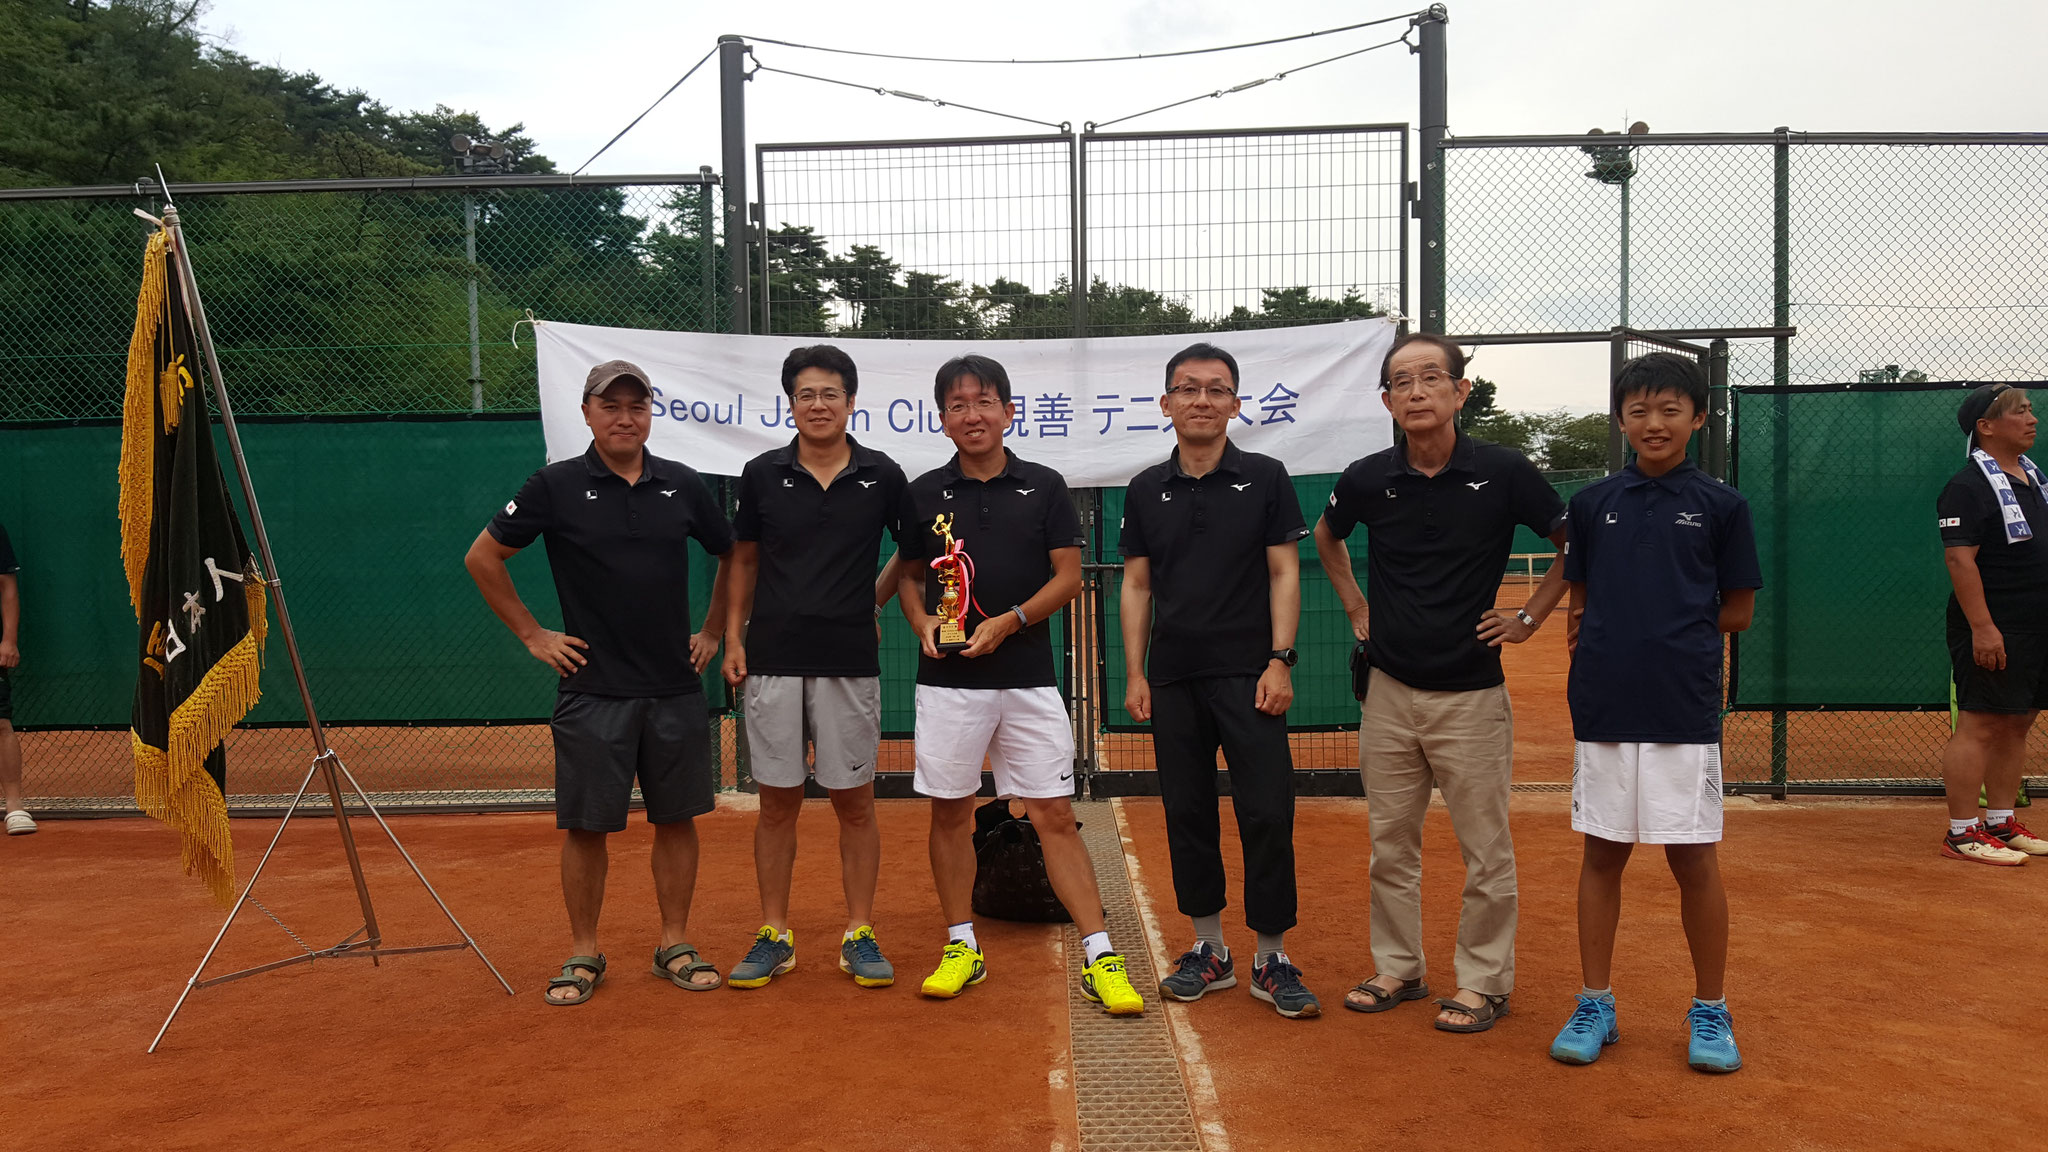 Bクラス・チーム TWICE(ㅠ) 優勝おめでとうございます!